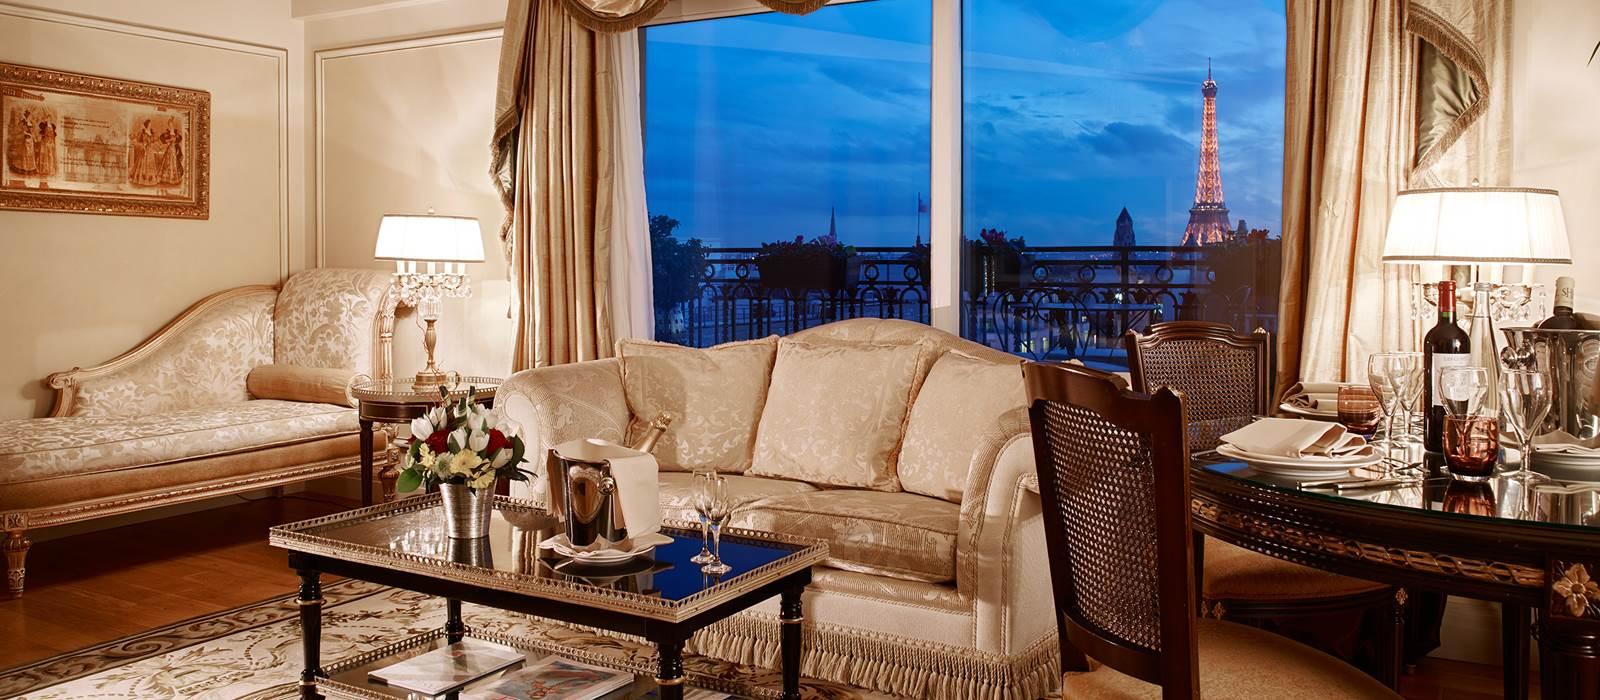 H tel balzac 5 star boutique hotel champs elys es paris for Best design boutique hotels paris